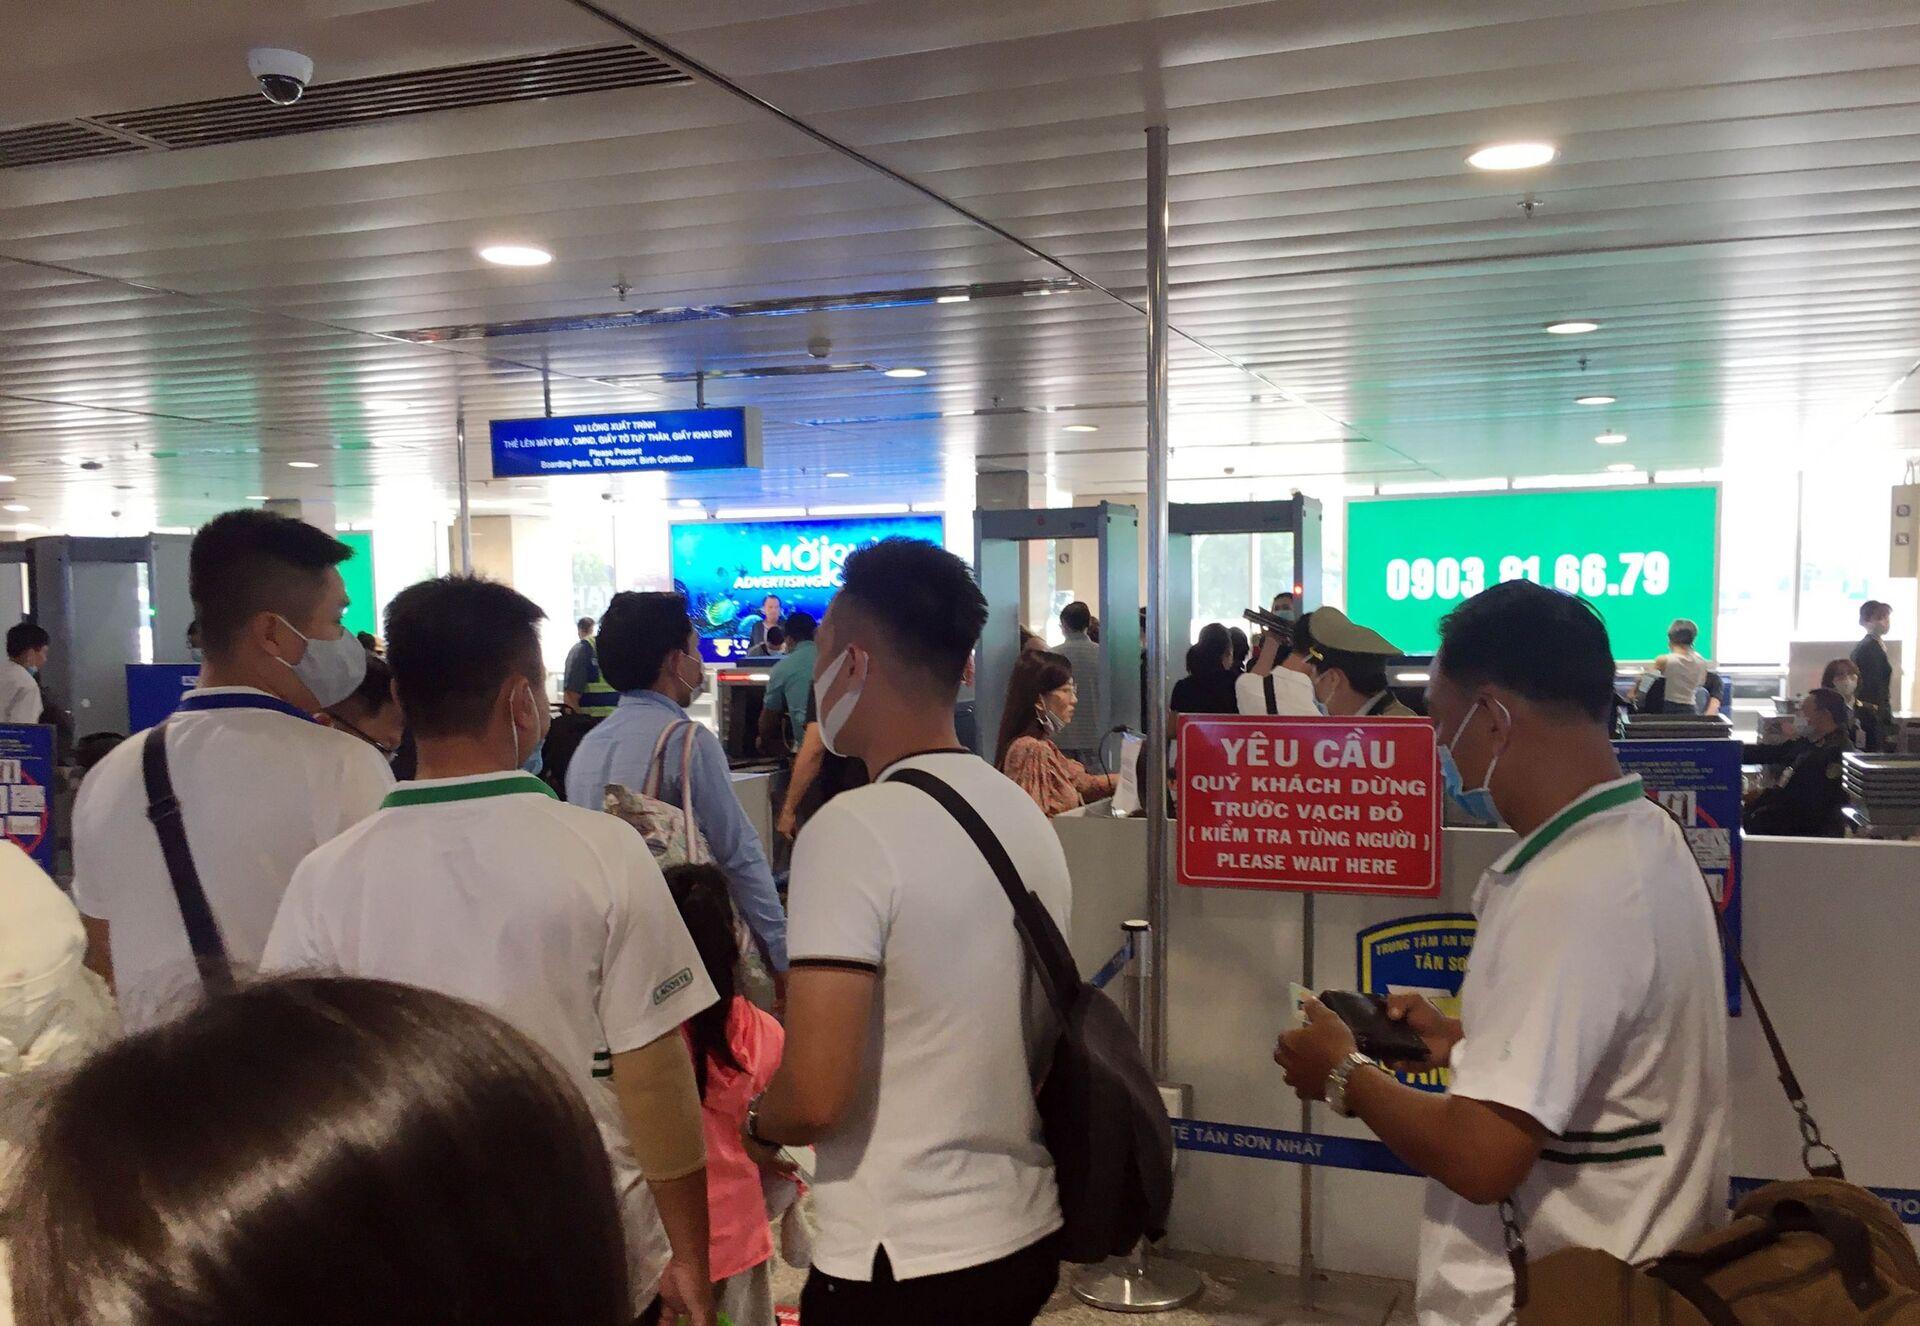 Bộ GTVT triệu tập cuộc họp khẩn tìm nguyên nhân gây ùn tắc sân bay Tân Sơn Nhất - Sputnik Việt Nam, 1920, 20.04.2021